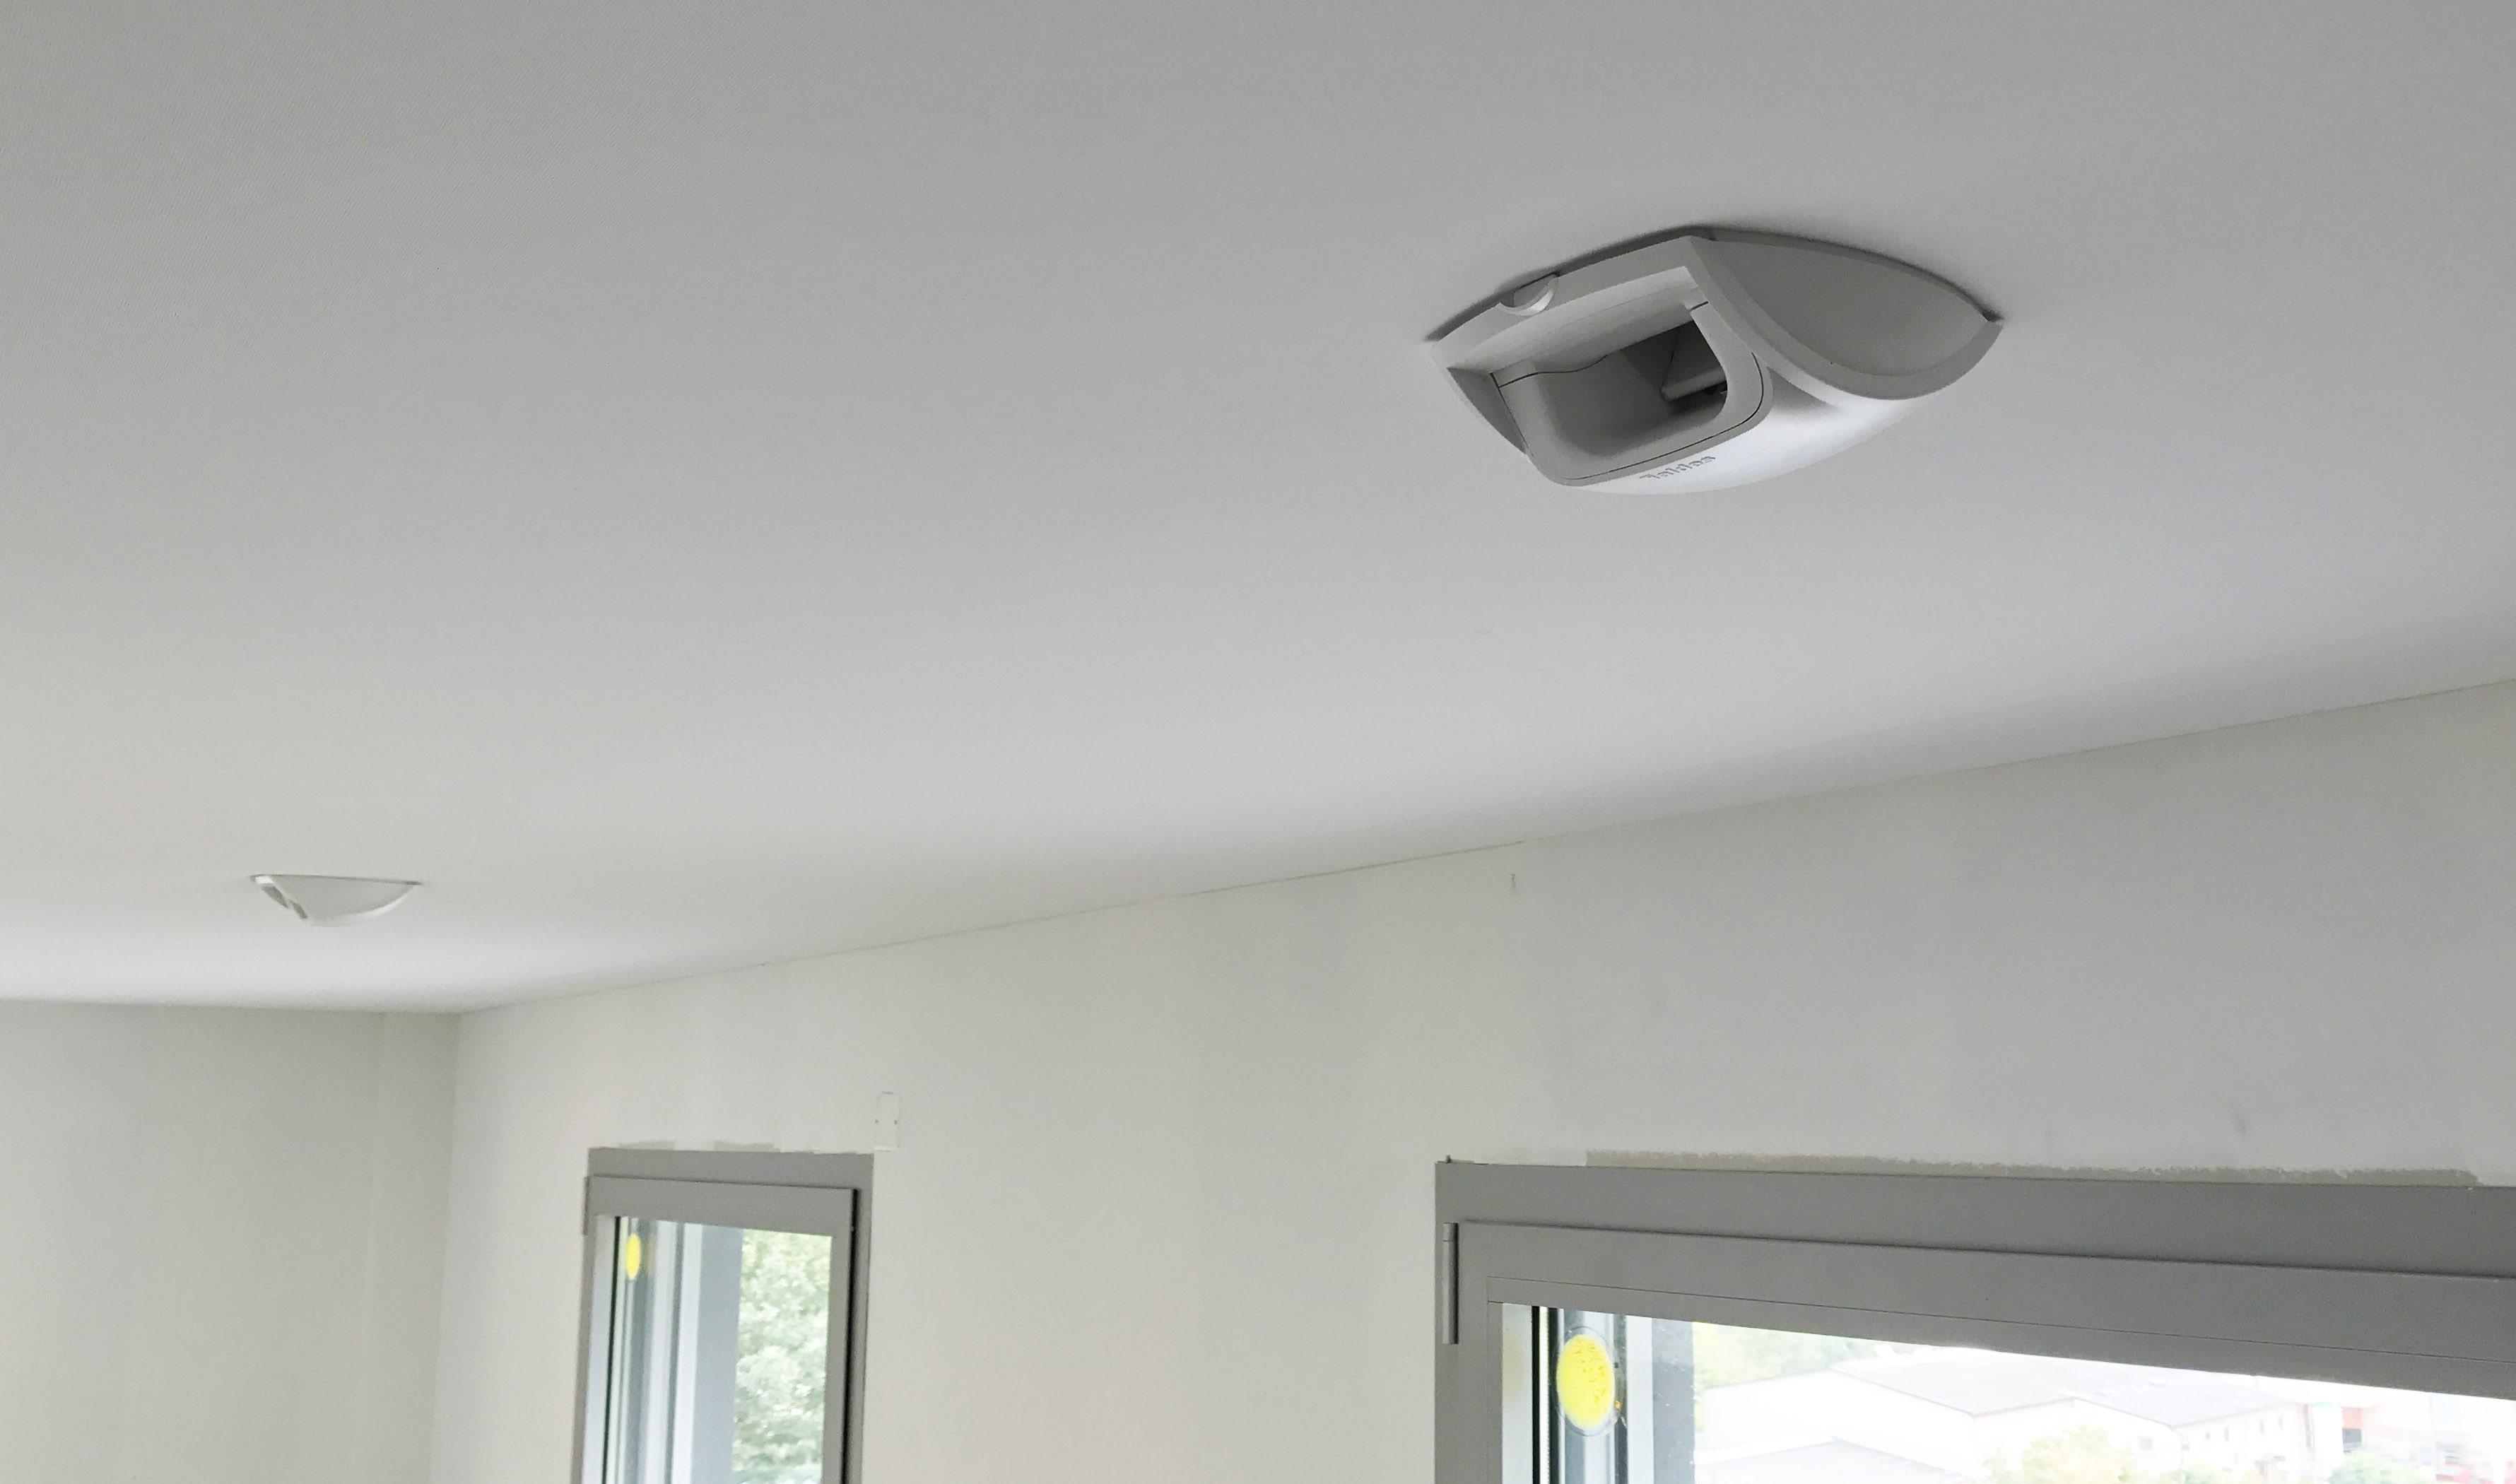 le plafond tendu froid swaltex swal la solution pour plafonds tendus tissus et toiles tendues. Black Bedroom Furniture Sets. Home Design Ideas